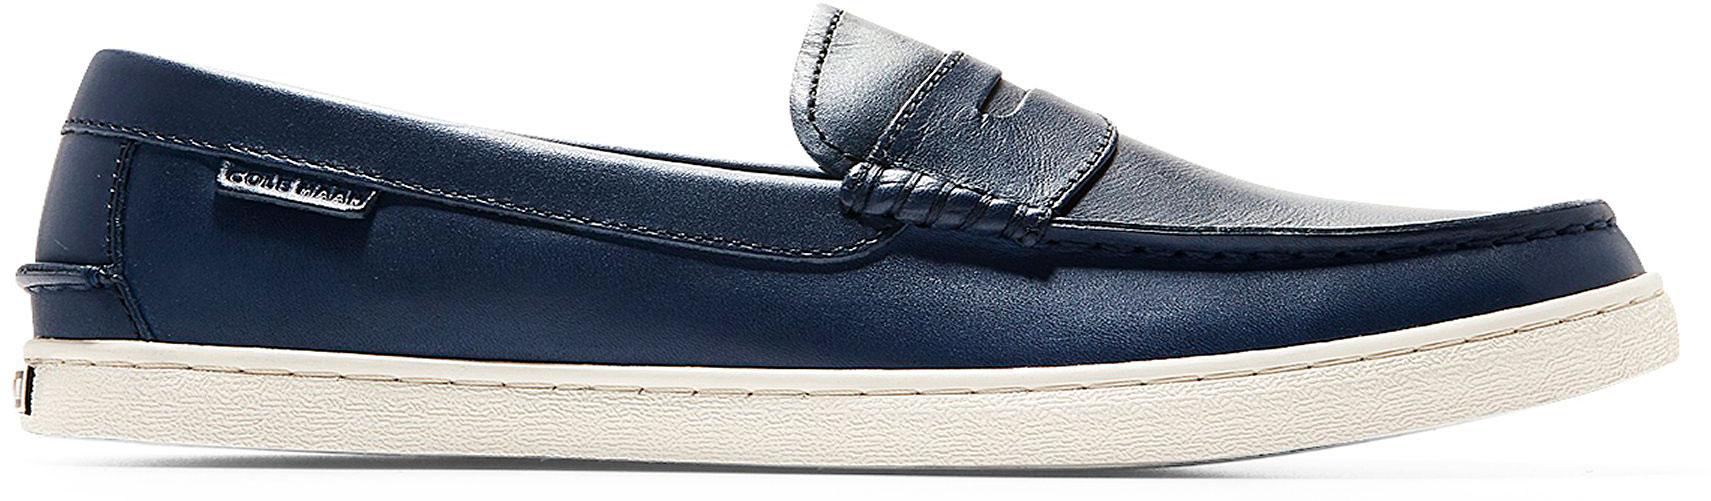 383d4733787 Cole Haan Men s Nantucket Loafer II C27788 Navy Handstain - The Shoe ...